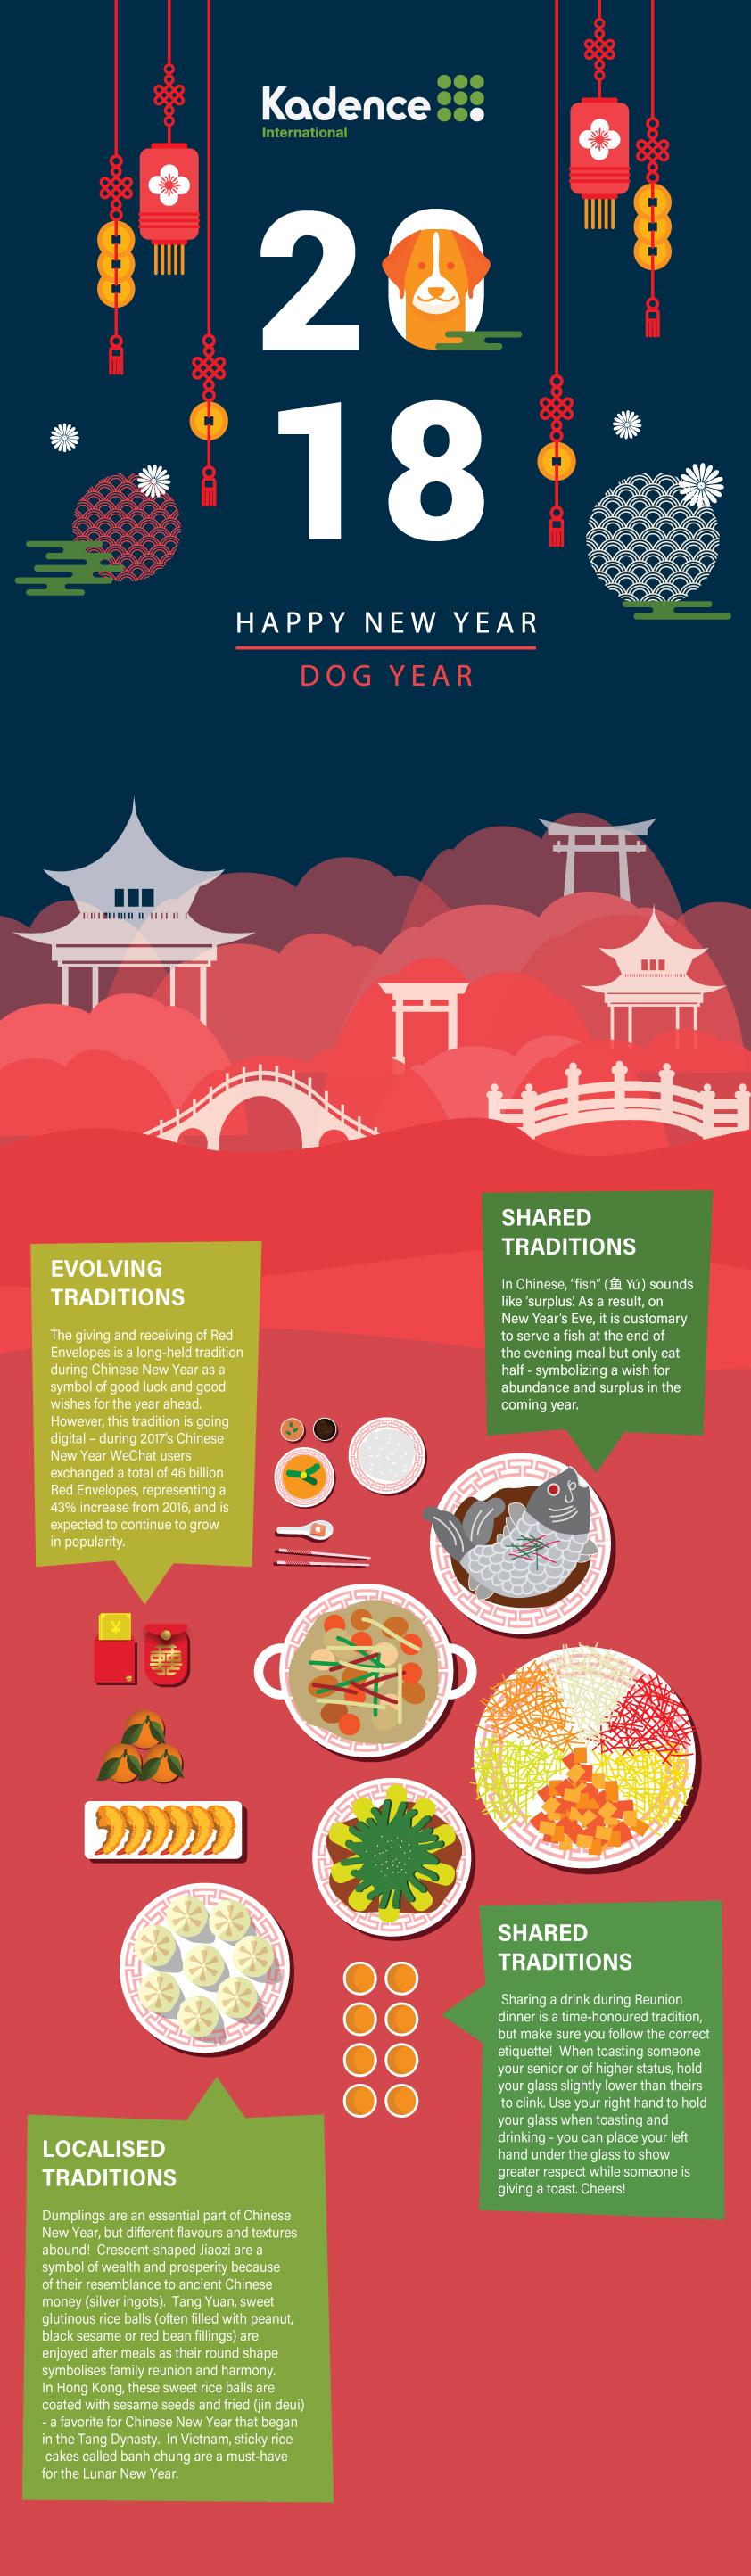 cny_infographic.jpg